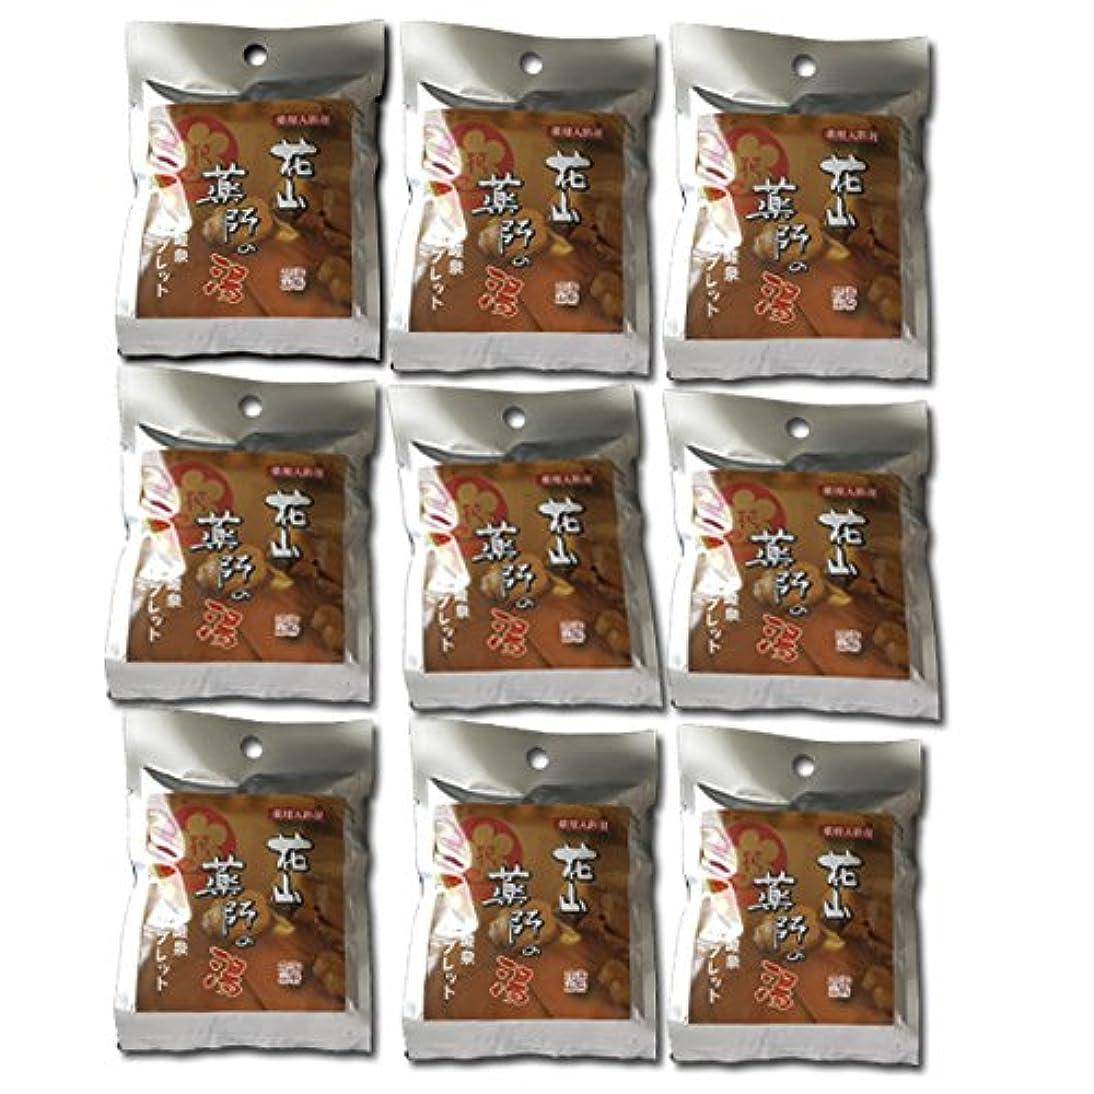 ダメージ聖職者小石入浴剤 炭酸泉 和歌山 花山温泉の温泉分析値を元に配合して作られたタブレット9個 薬用